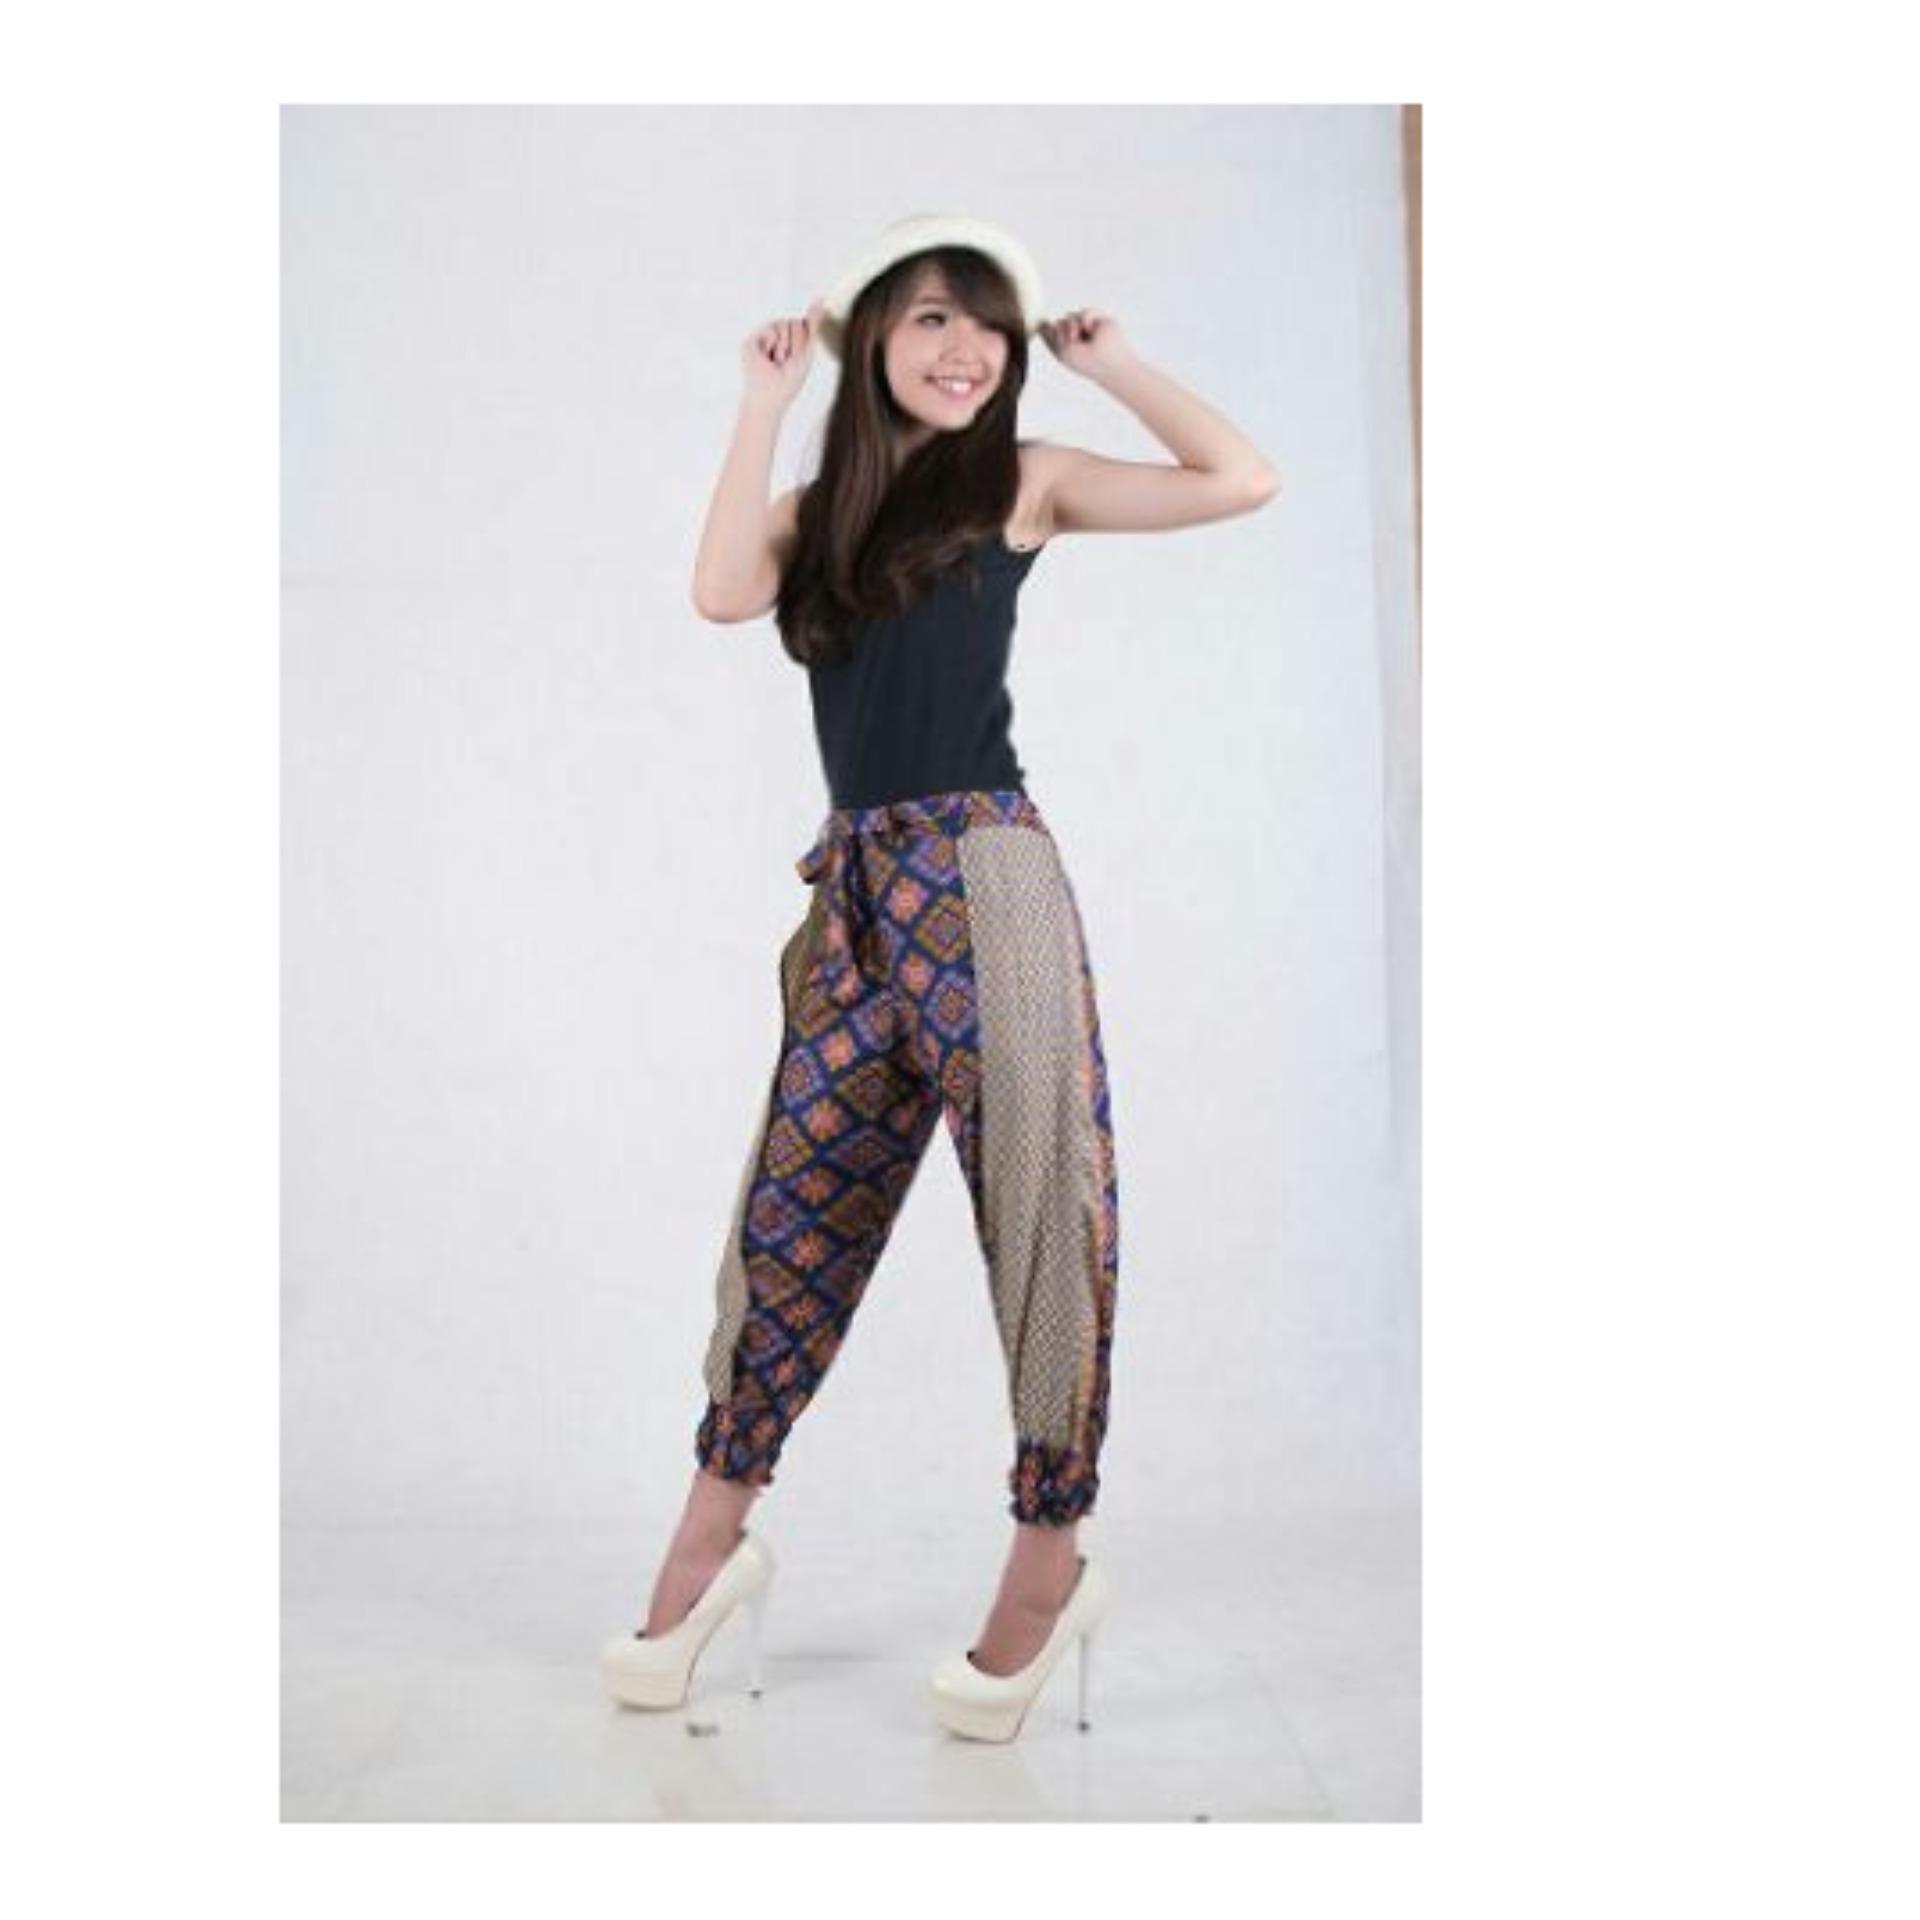 ... SB Collection Celana Panjang Shakira Joger Jeans Biru Ezyhero Source SB Collection Celana Panjang Tatiana Joger